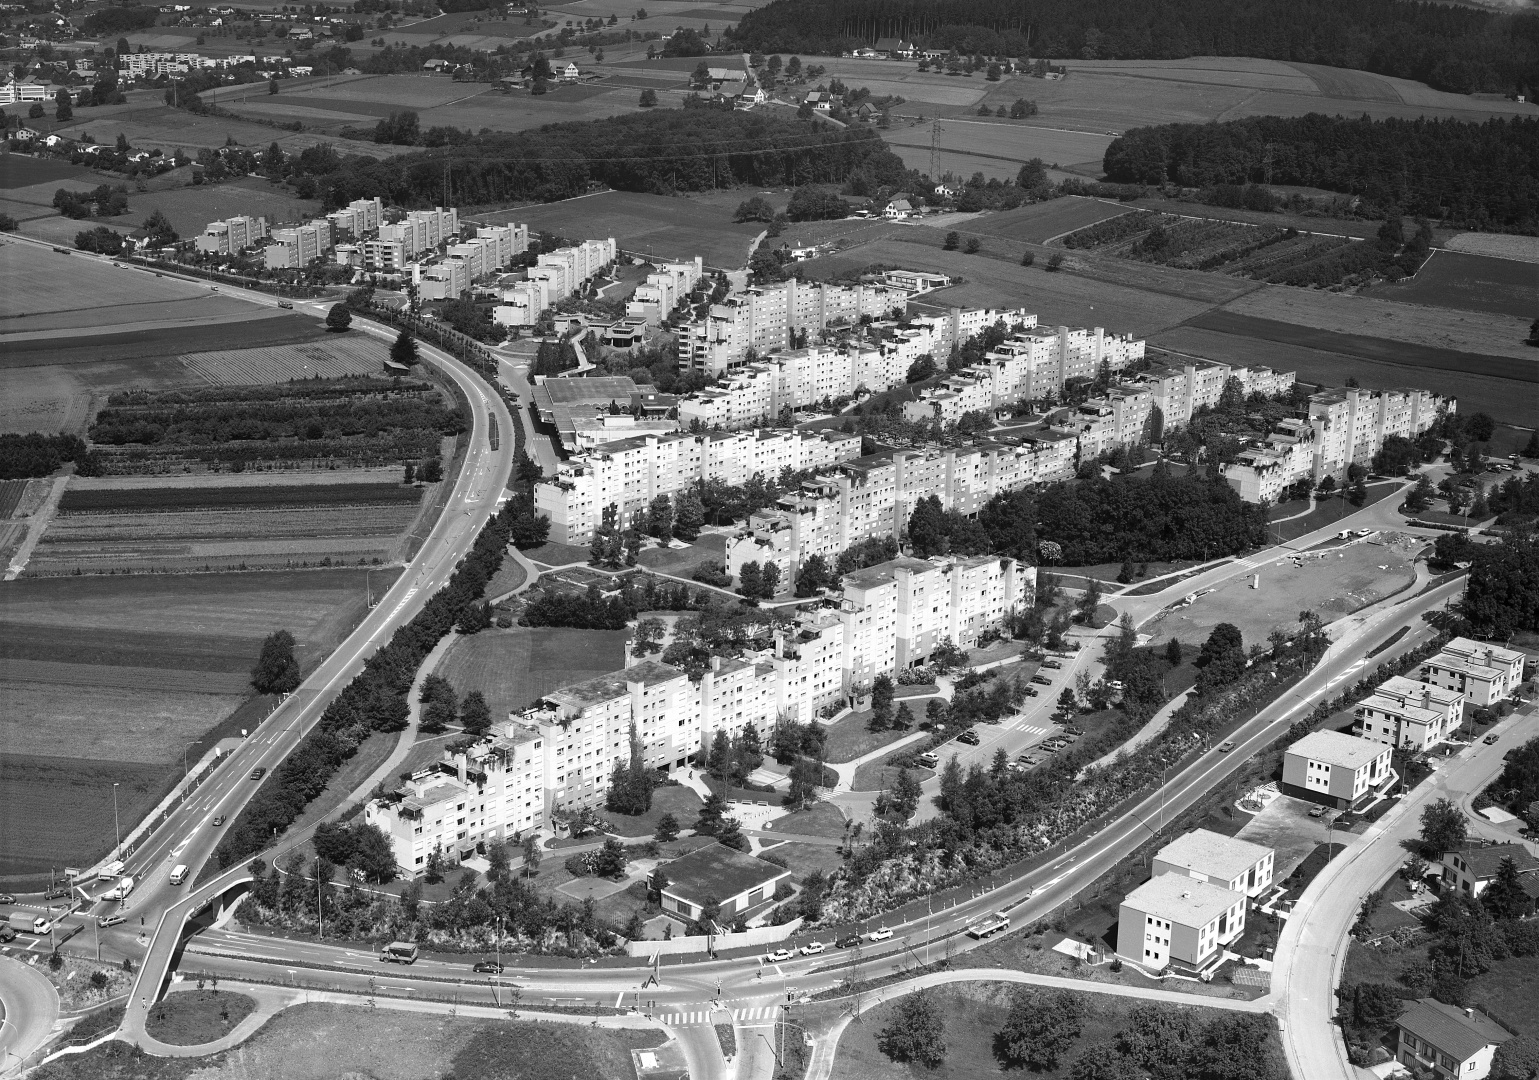 Siedlung Sonnhalde, Aufnahme von 1980 © ETH-Bibliothek Zürich, Bildarchiv